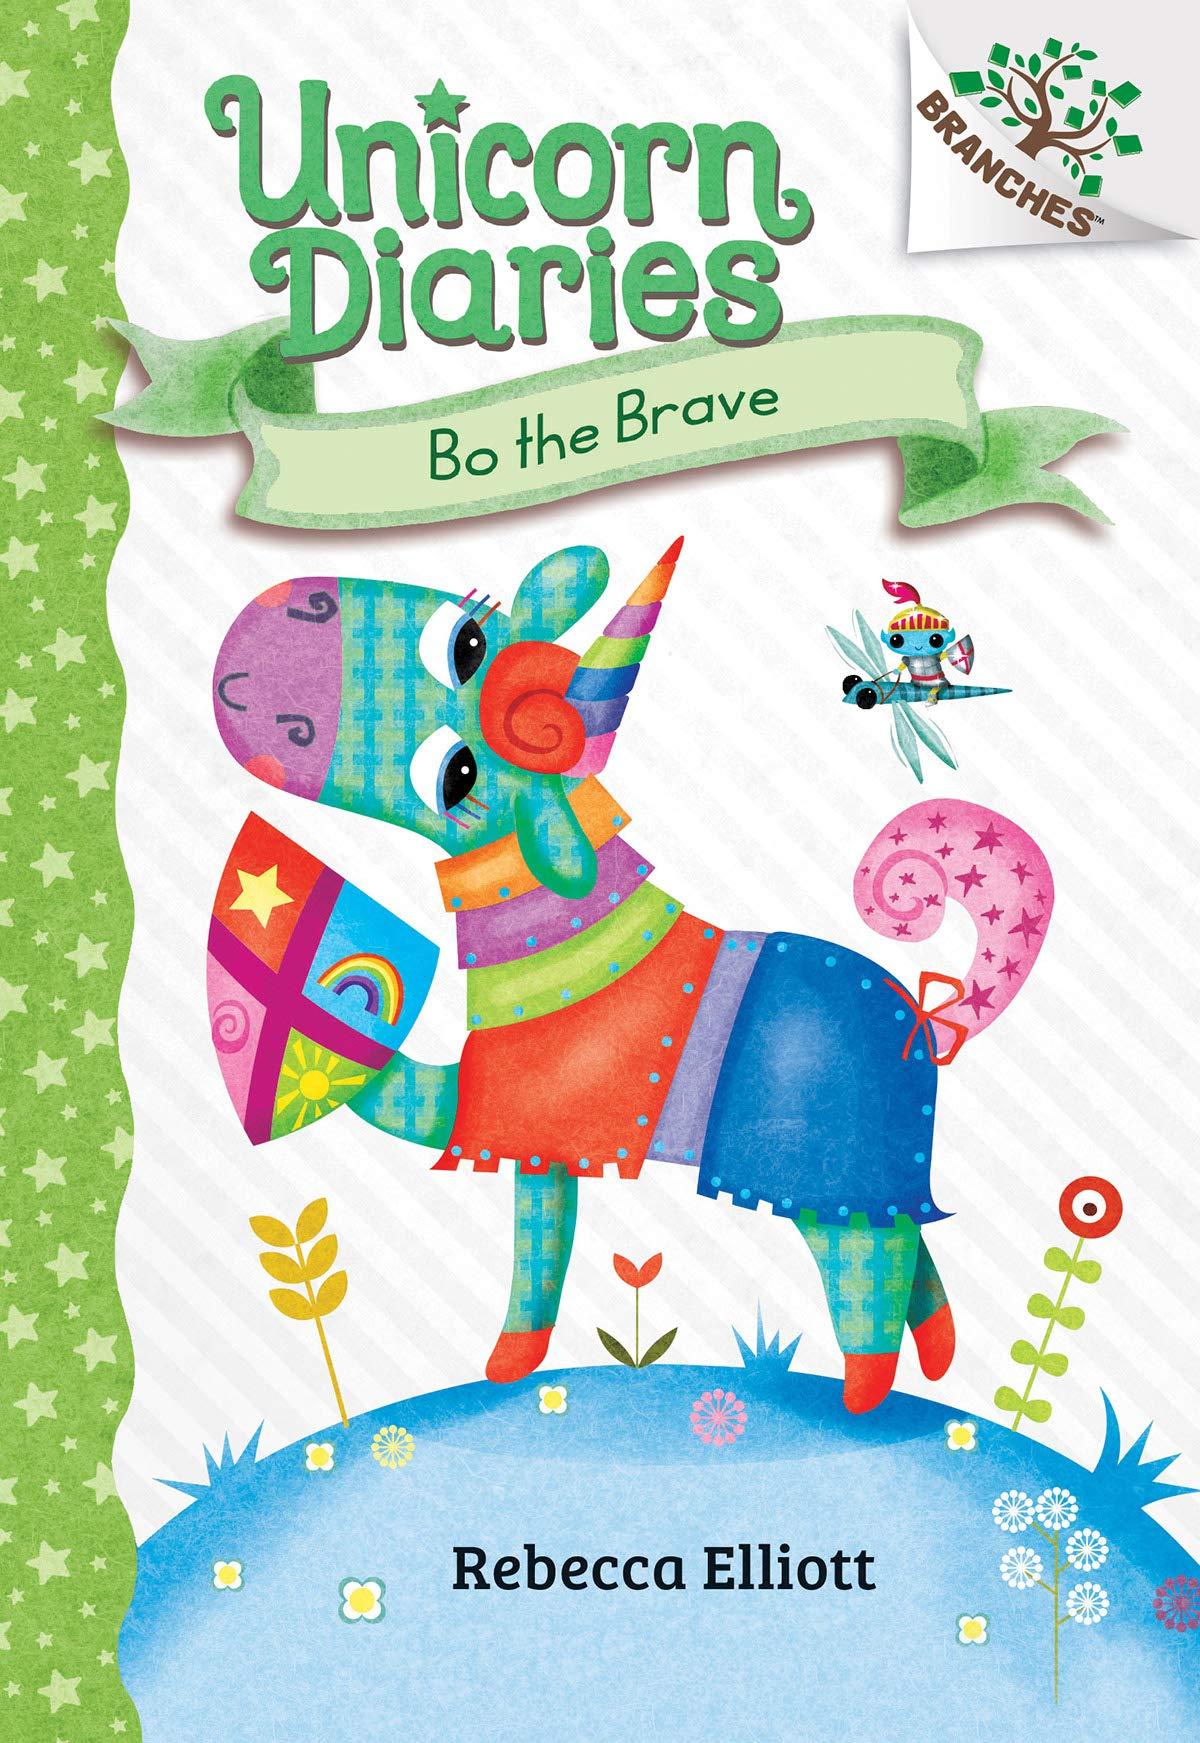 Amazon Com Bo The Brave A Branches Book Unicorn Diaries 3 9781338323436 Elliott Rebecca Elliott Rebecca Books What reading level is unicorn diaries